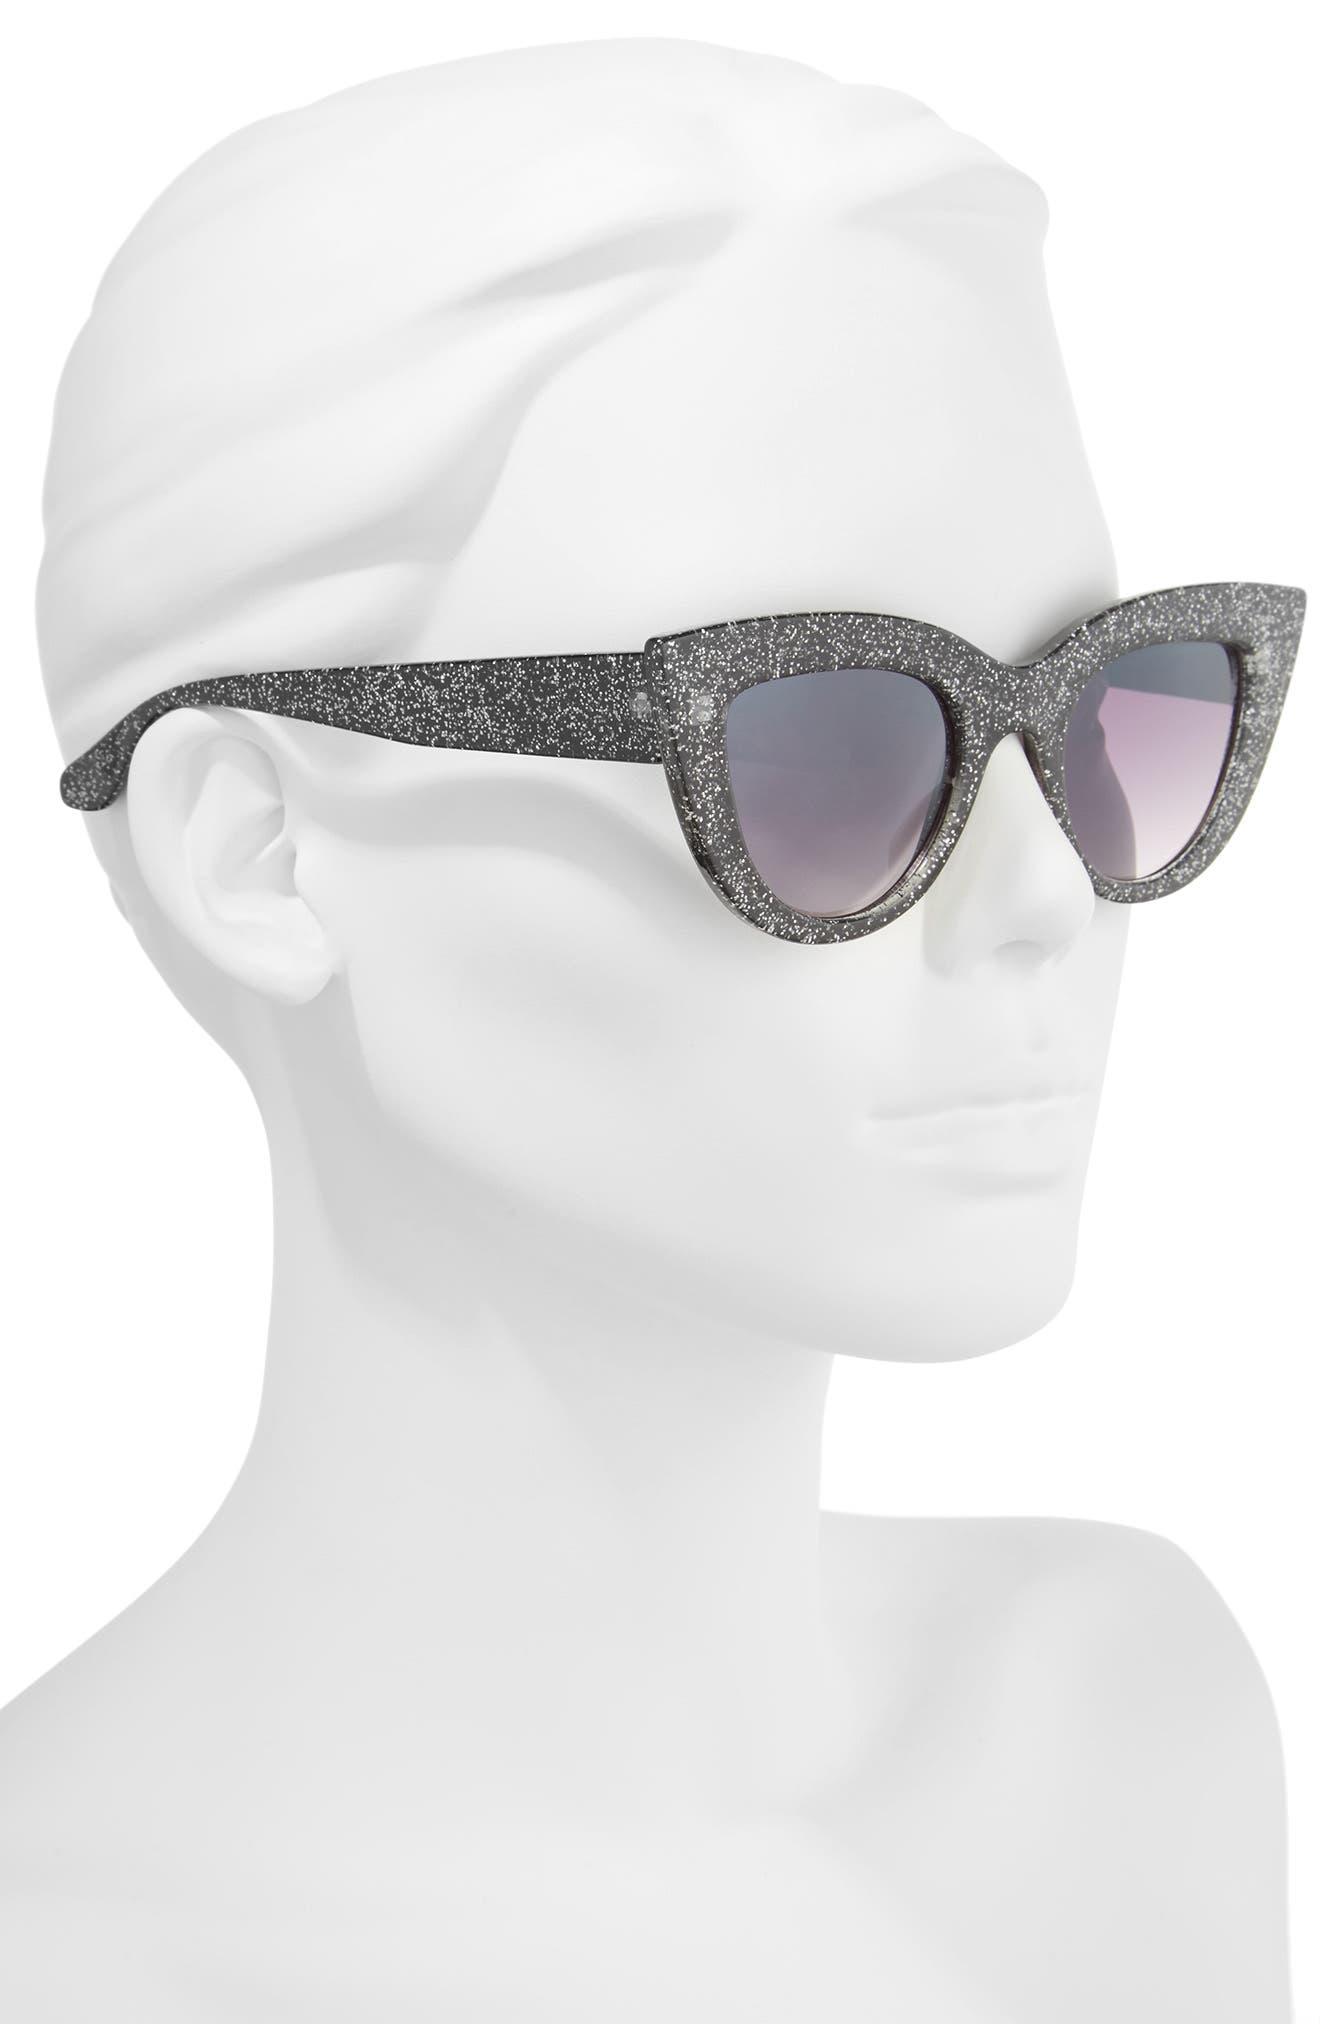 45mm Glitter Cat Eye Sunglasses,                             Alternate thumbnail 3, color,